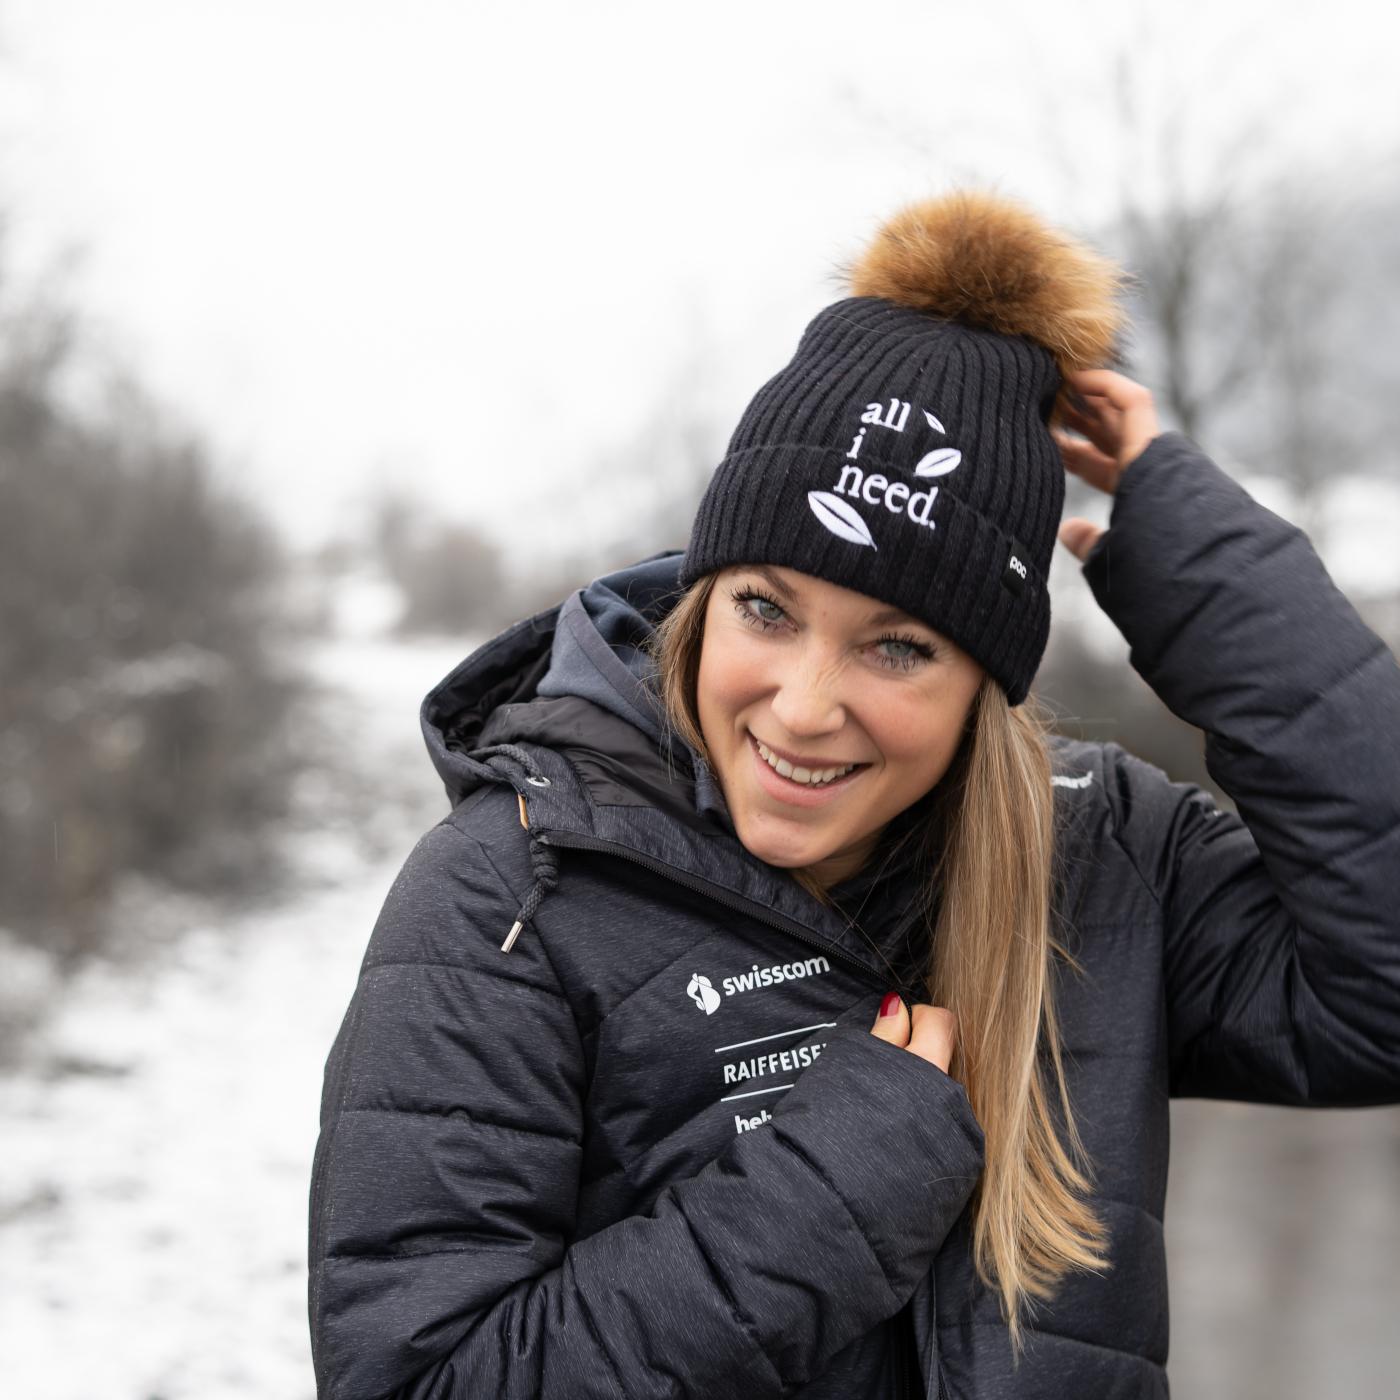 Jessica Keiser, Snowboard, Weltcup